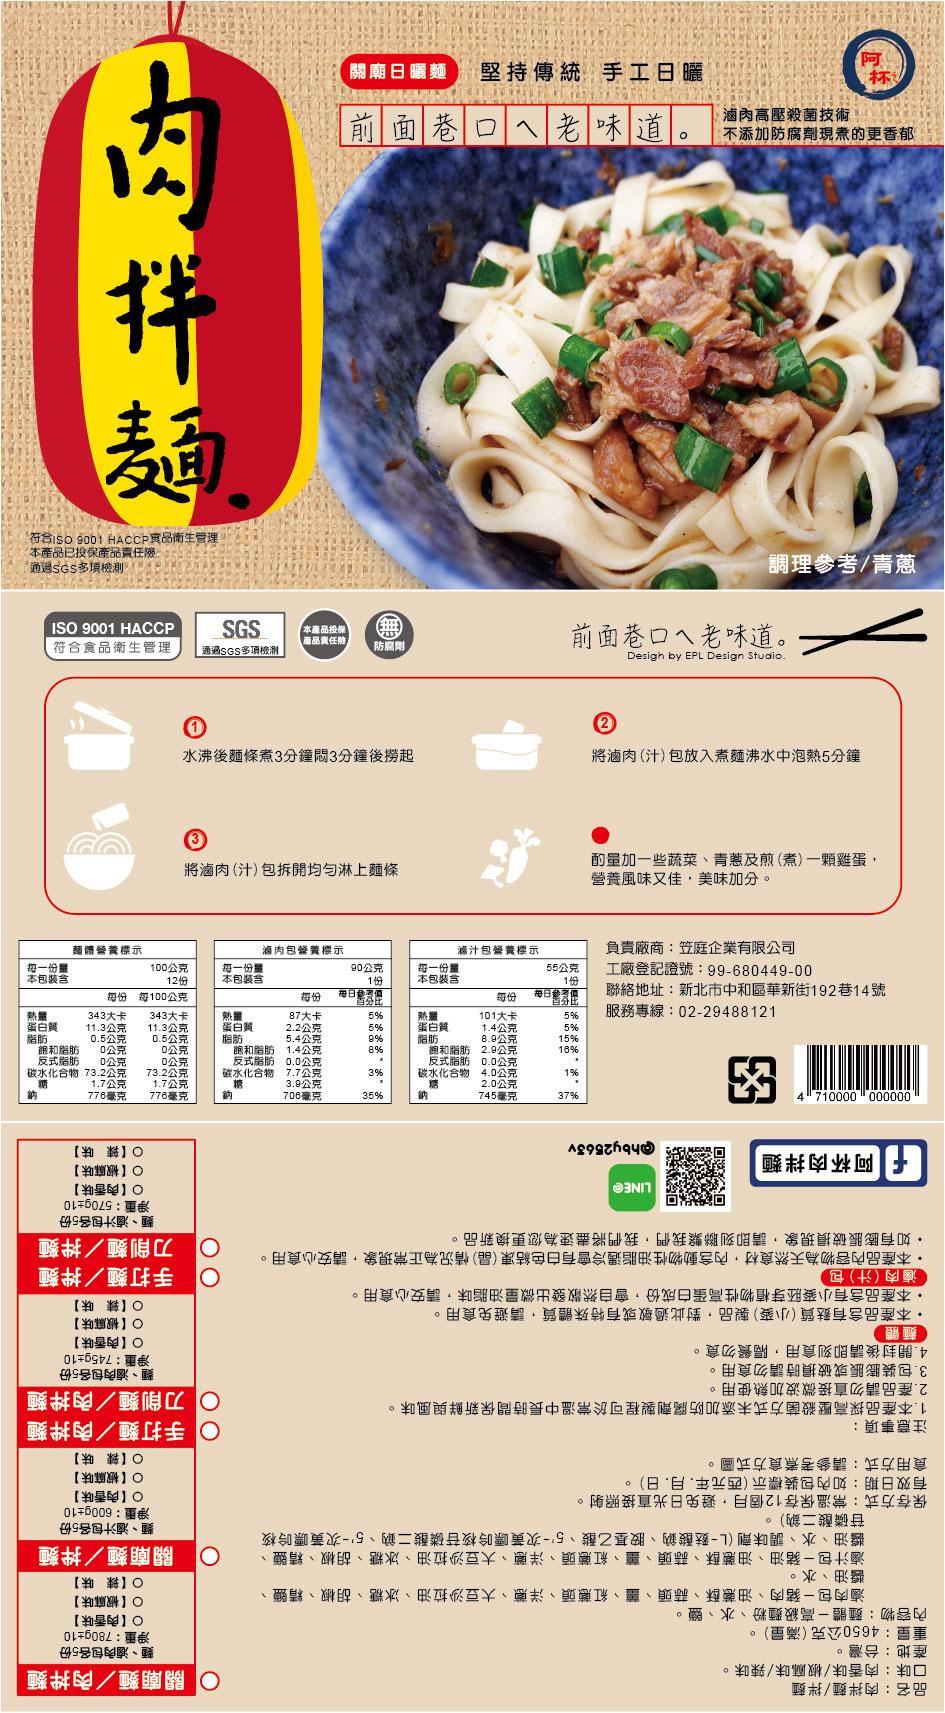 20171023_阿杯肉拌麵_包裝設計_內襯卡_整理-01